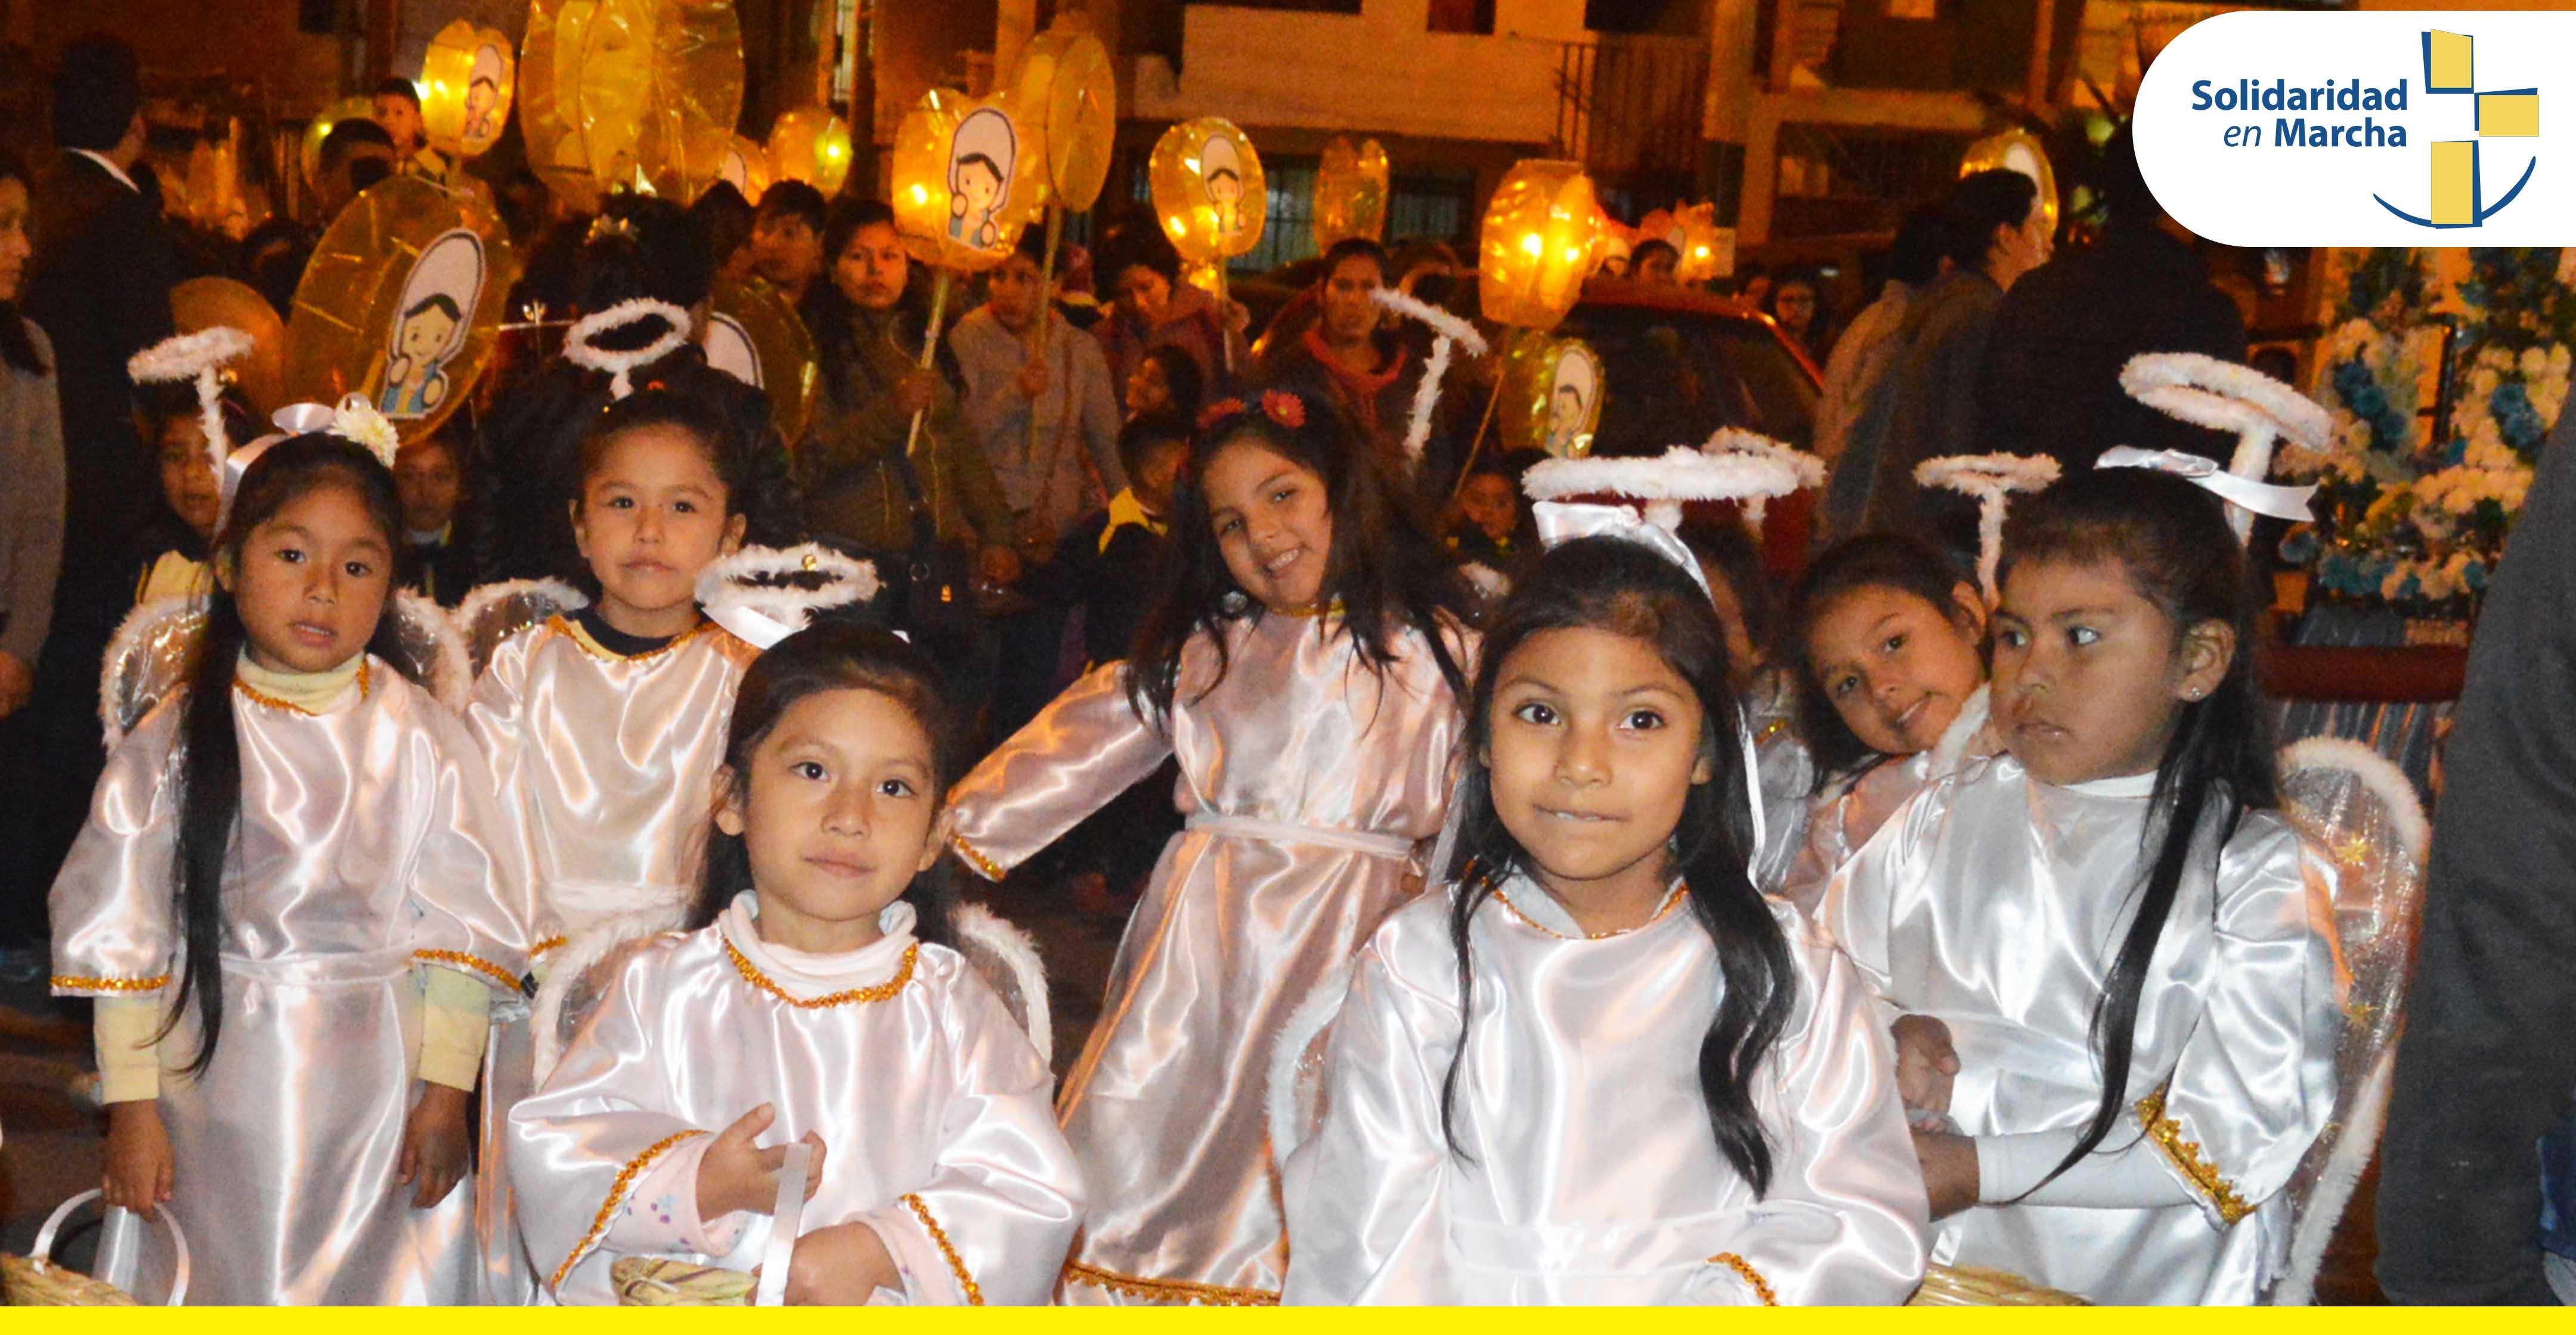 Red Educativa SEM celebra 24 años de servicio con Semana del Encuentro Mariano